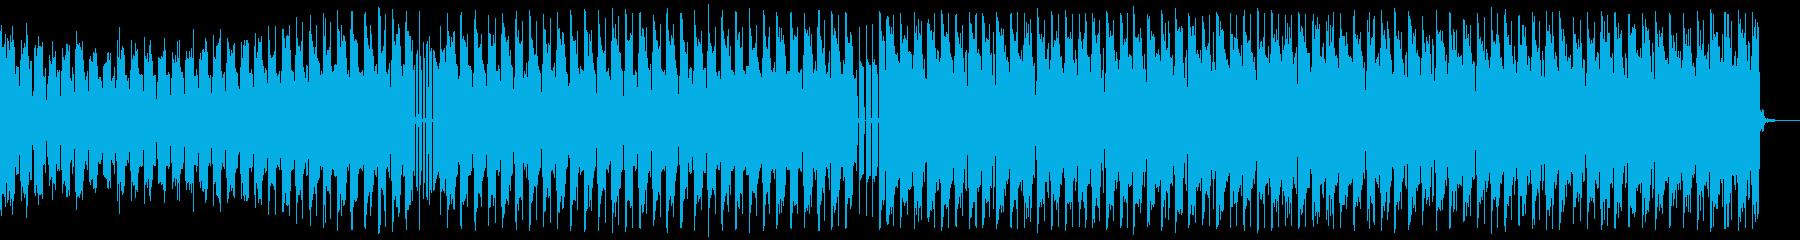 キラキラしたエレクトロ_No645_2の再生済みの波形